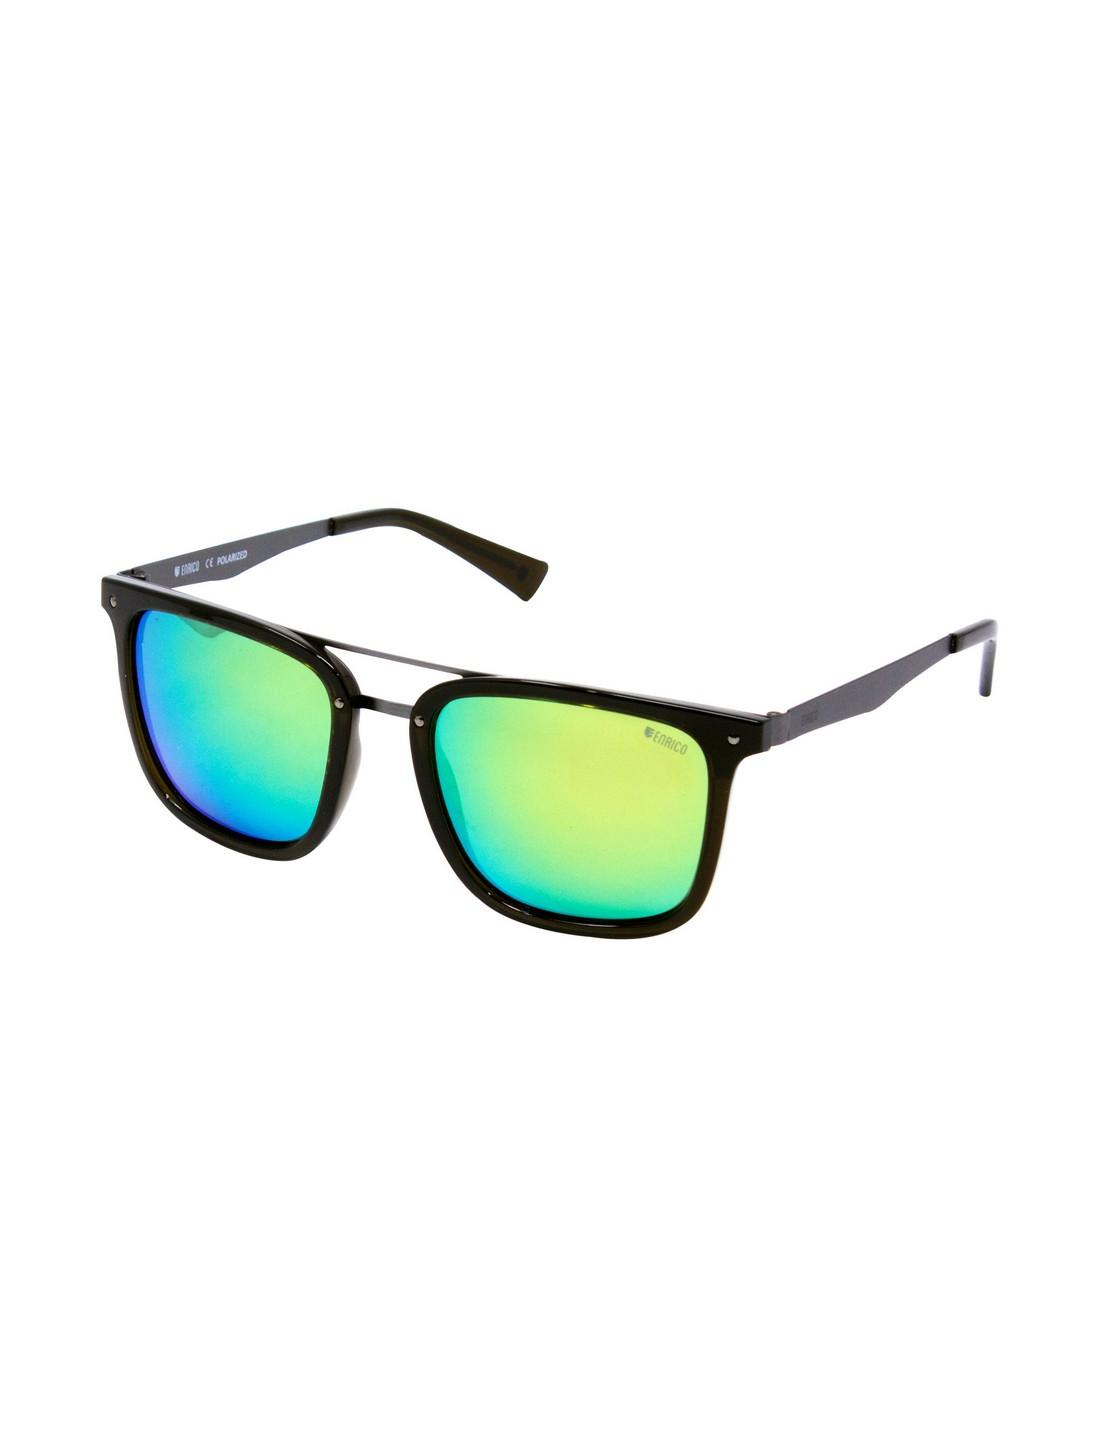 ENRICO | ENRICO Sunfire UV Protected & Polarized Wayfarer Sunglasses for Men ( Lens - Mirrored | Frame - Black)